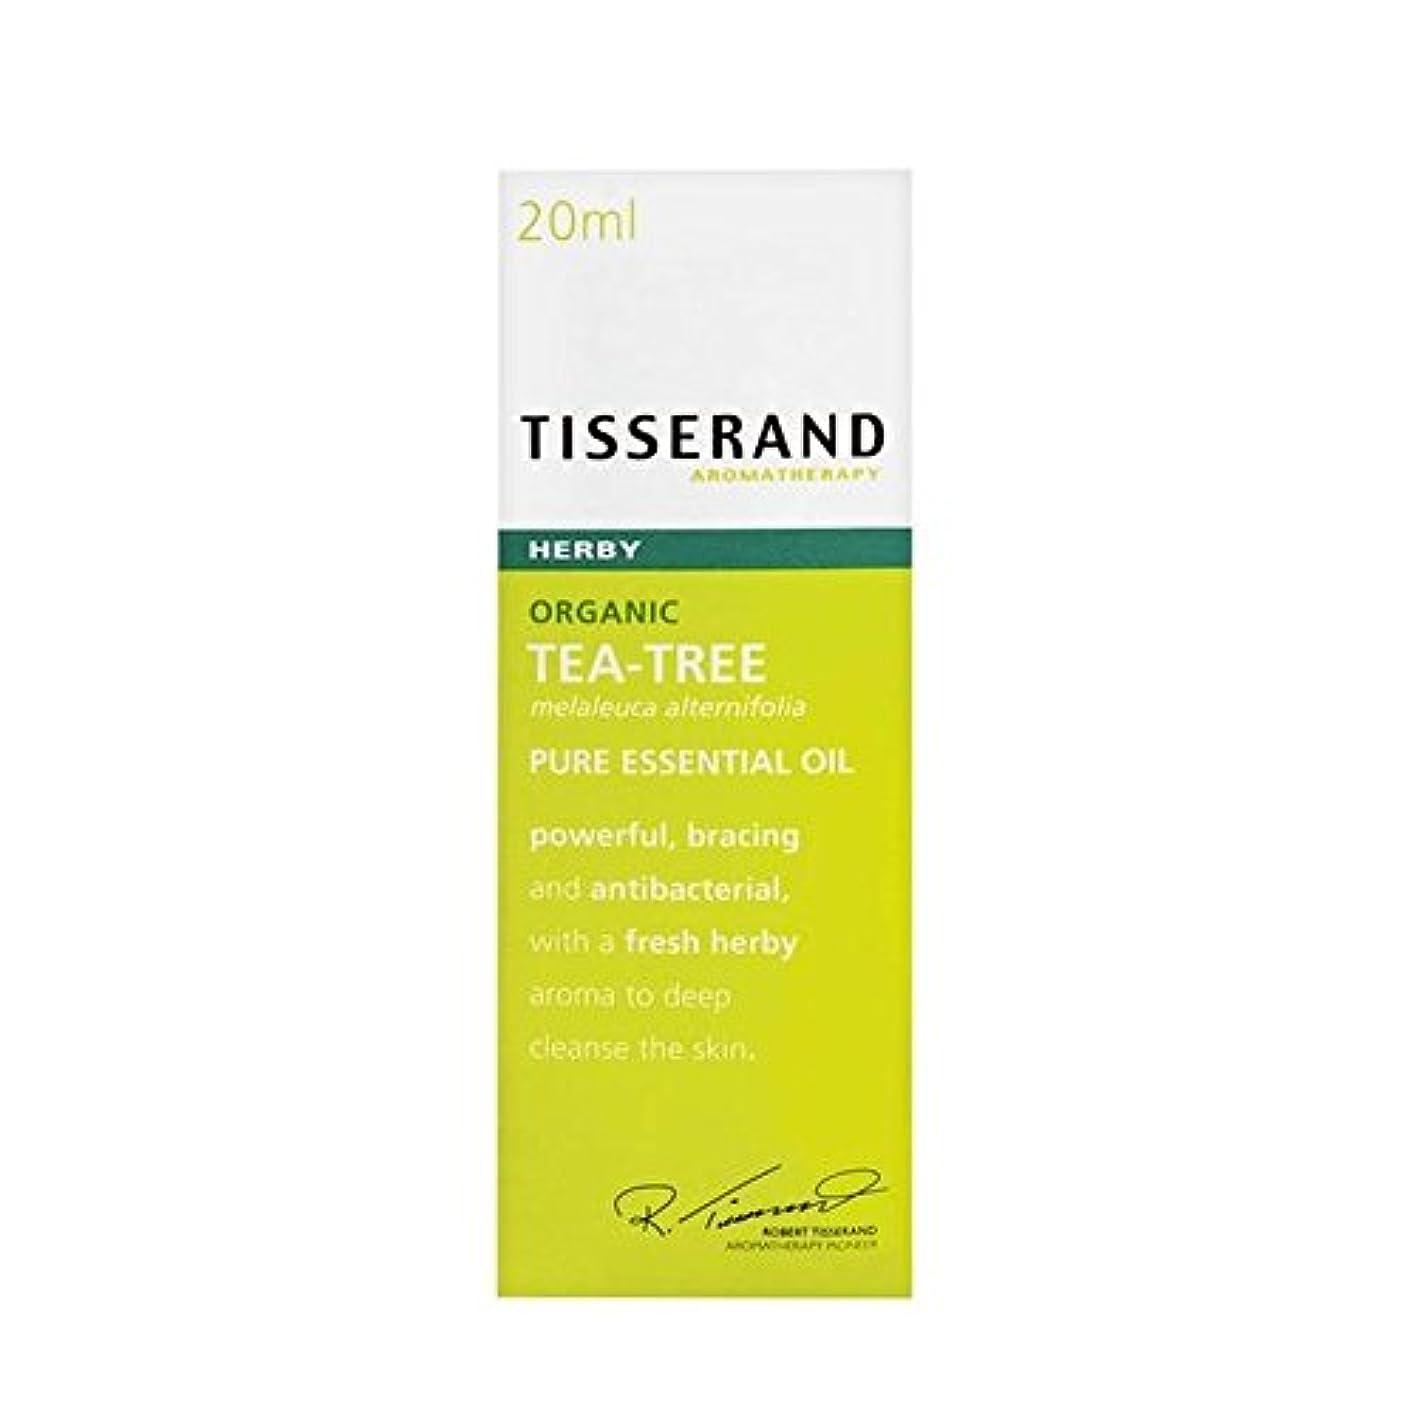 アームストロング活性化する委員長ティスランドティーツリーオーガニックピュアエッセンシャルオイル20ミリリットル x4 - Tisserand Tea Tree Organic Pure Essential Oil 20ml (Pack of 4) [並行輸入品]